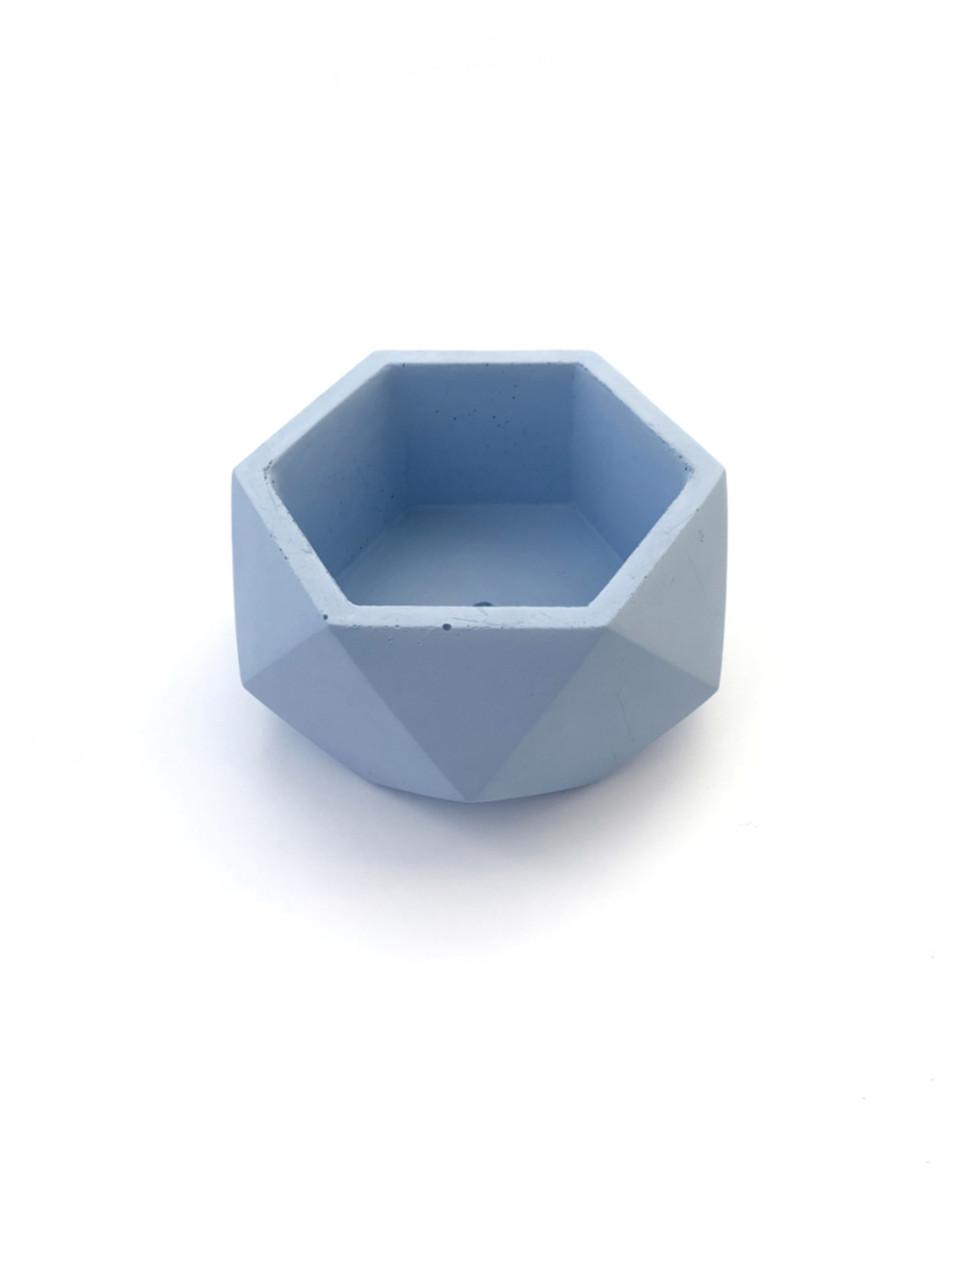 Бетонный горшок Decoline v-125 мл. (голубой) B1002-3